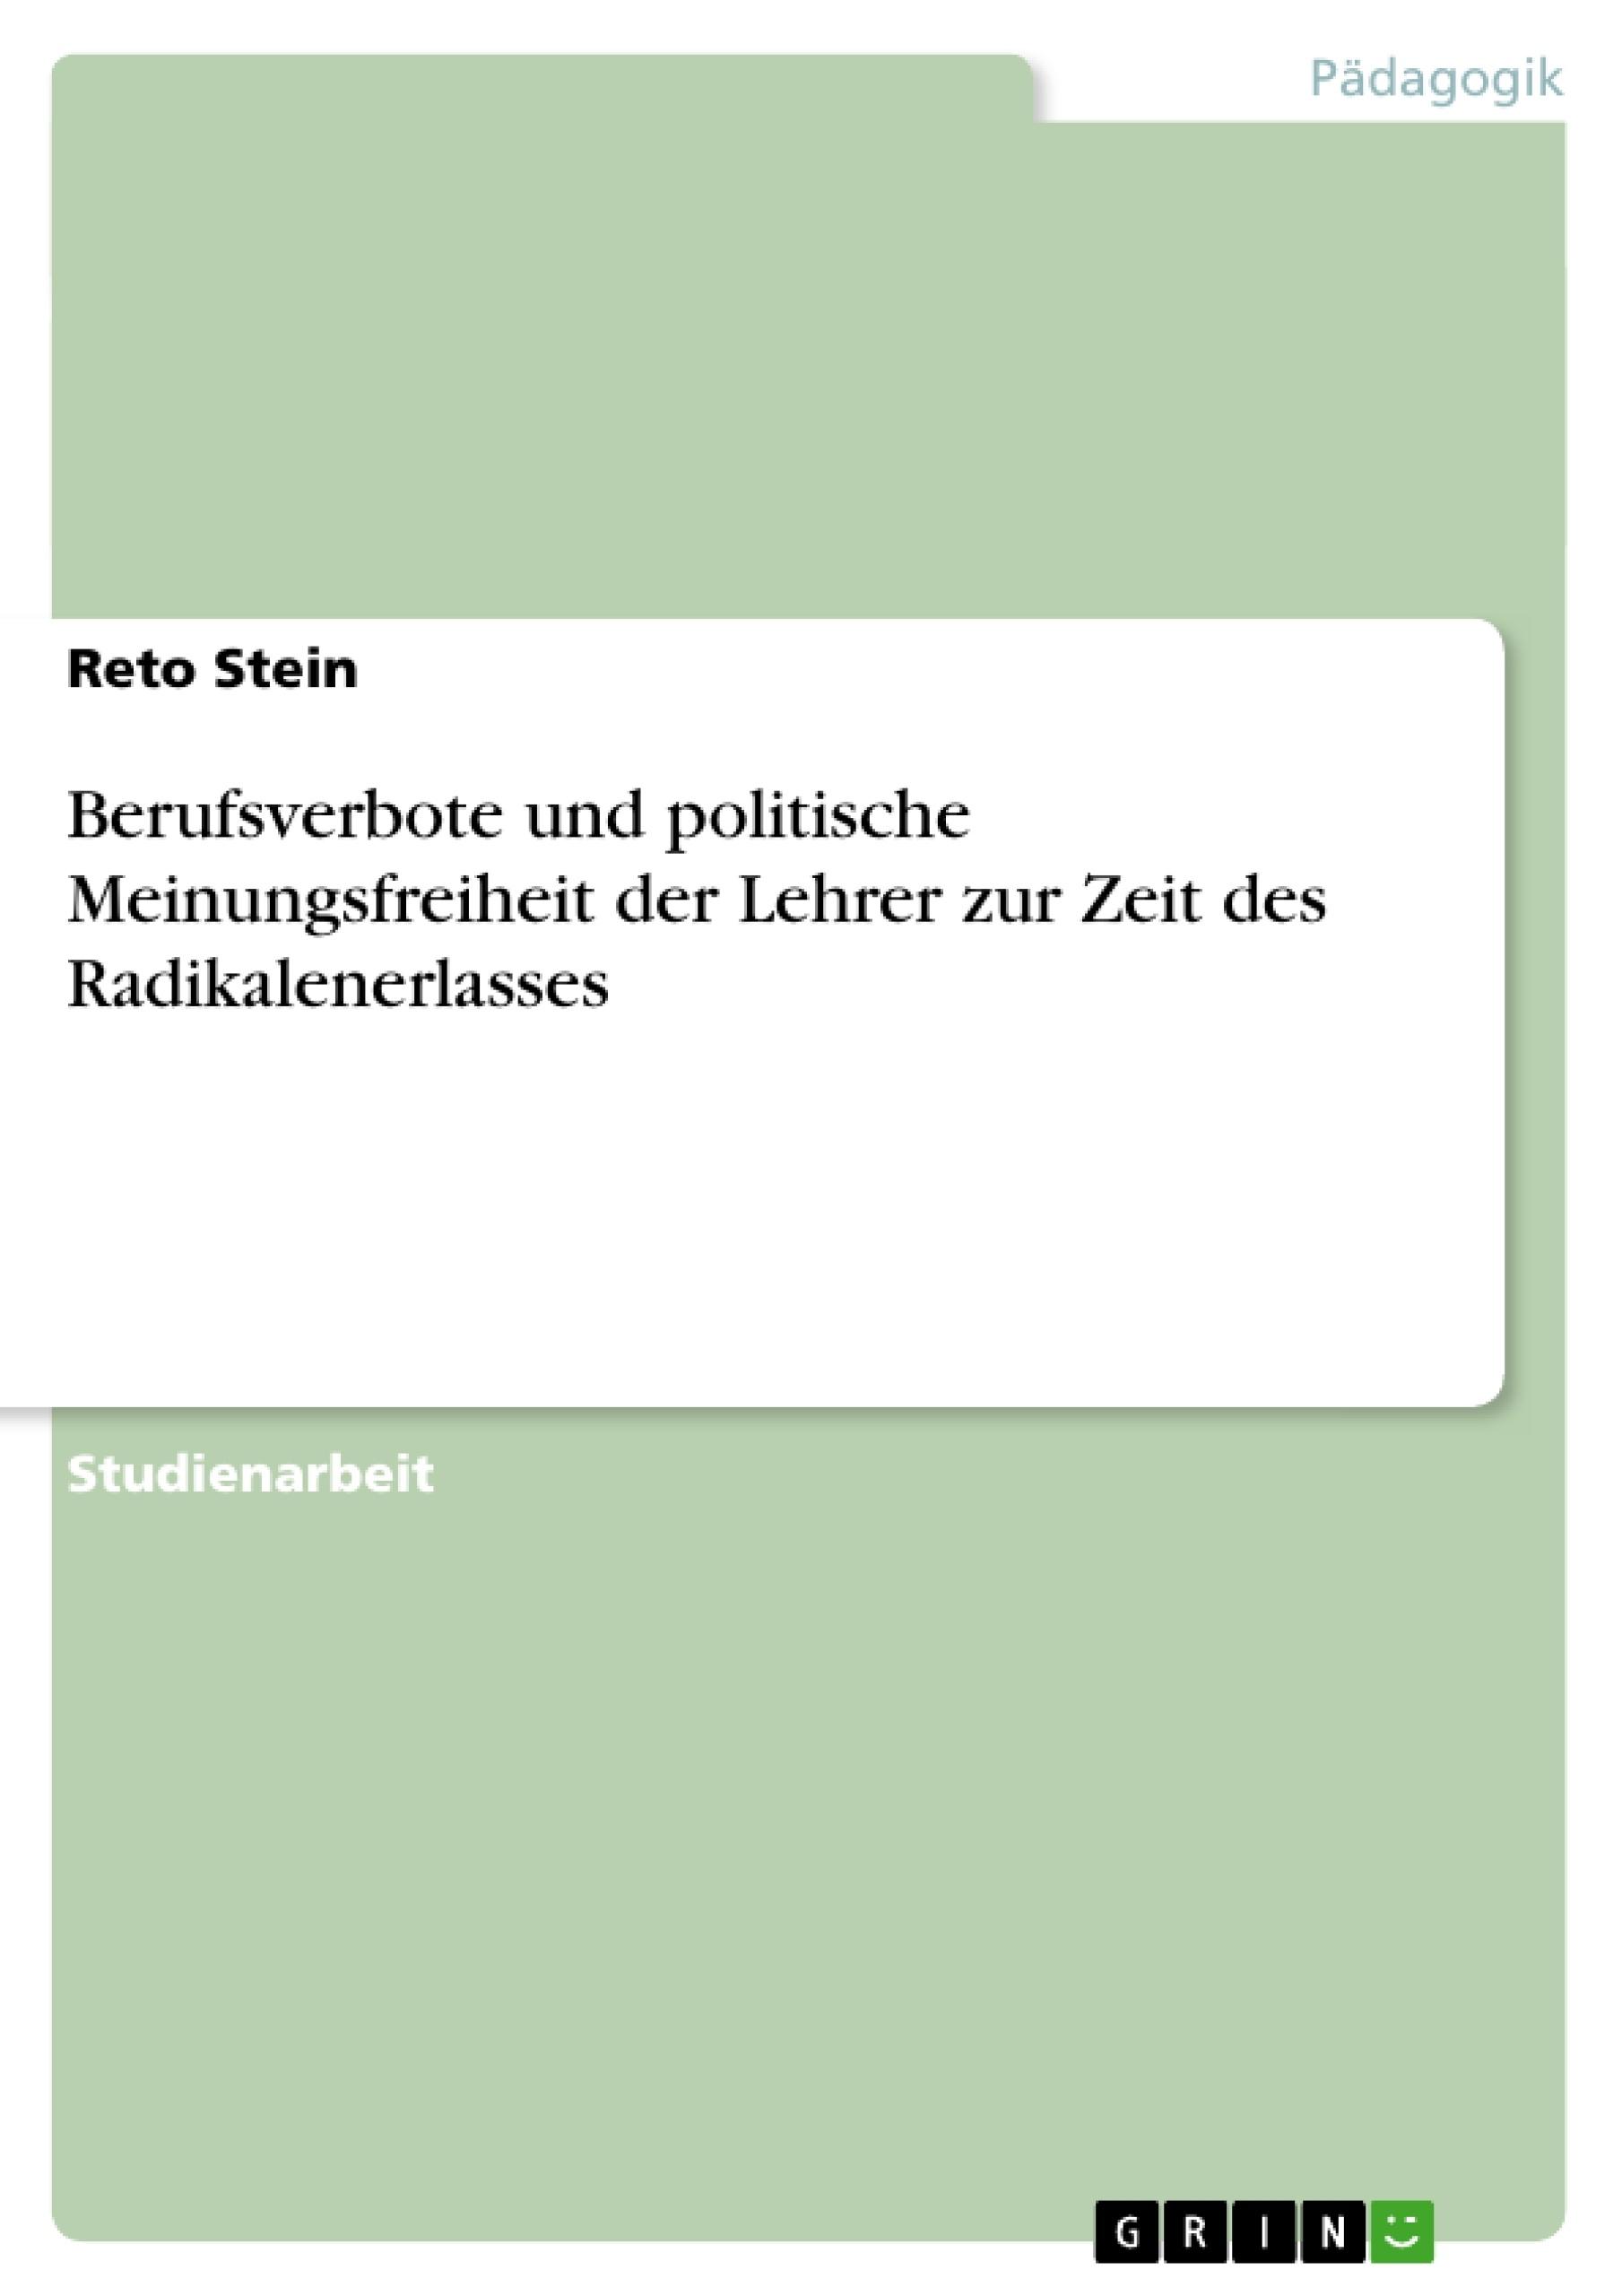 Titel: Berufsverbote und politische Meinungsfreiheit der Lehrer zur Zeit des Radikalenerlasses